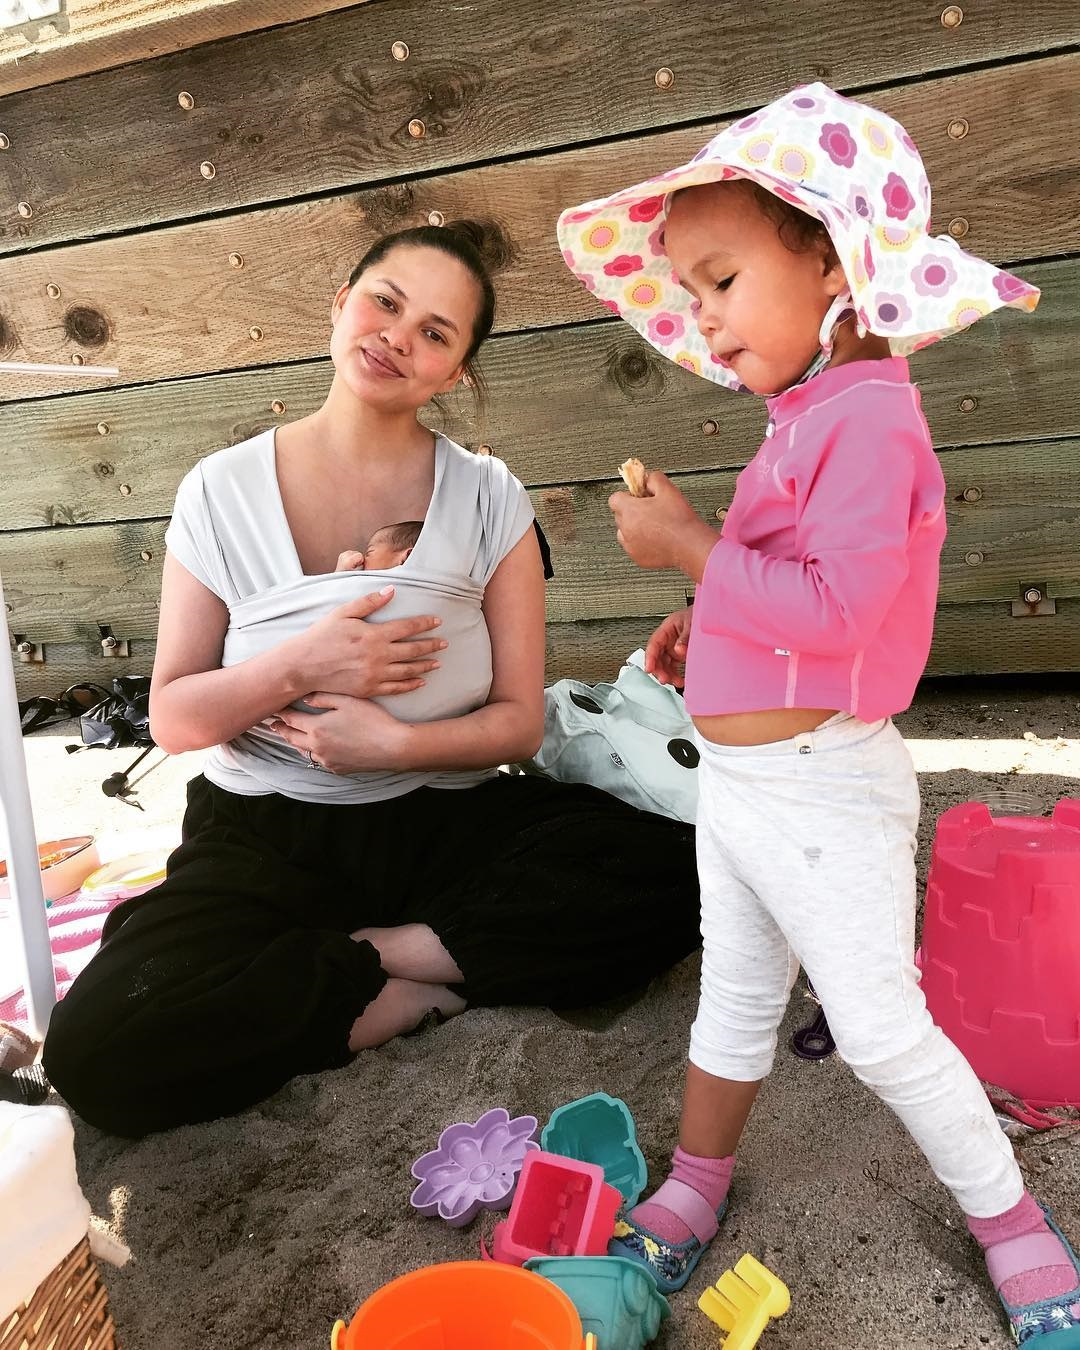 Крисси Тейген бросает карьеру модели, потому что не может похудеть после родов